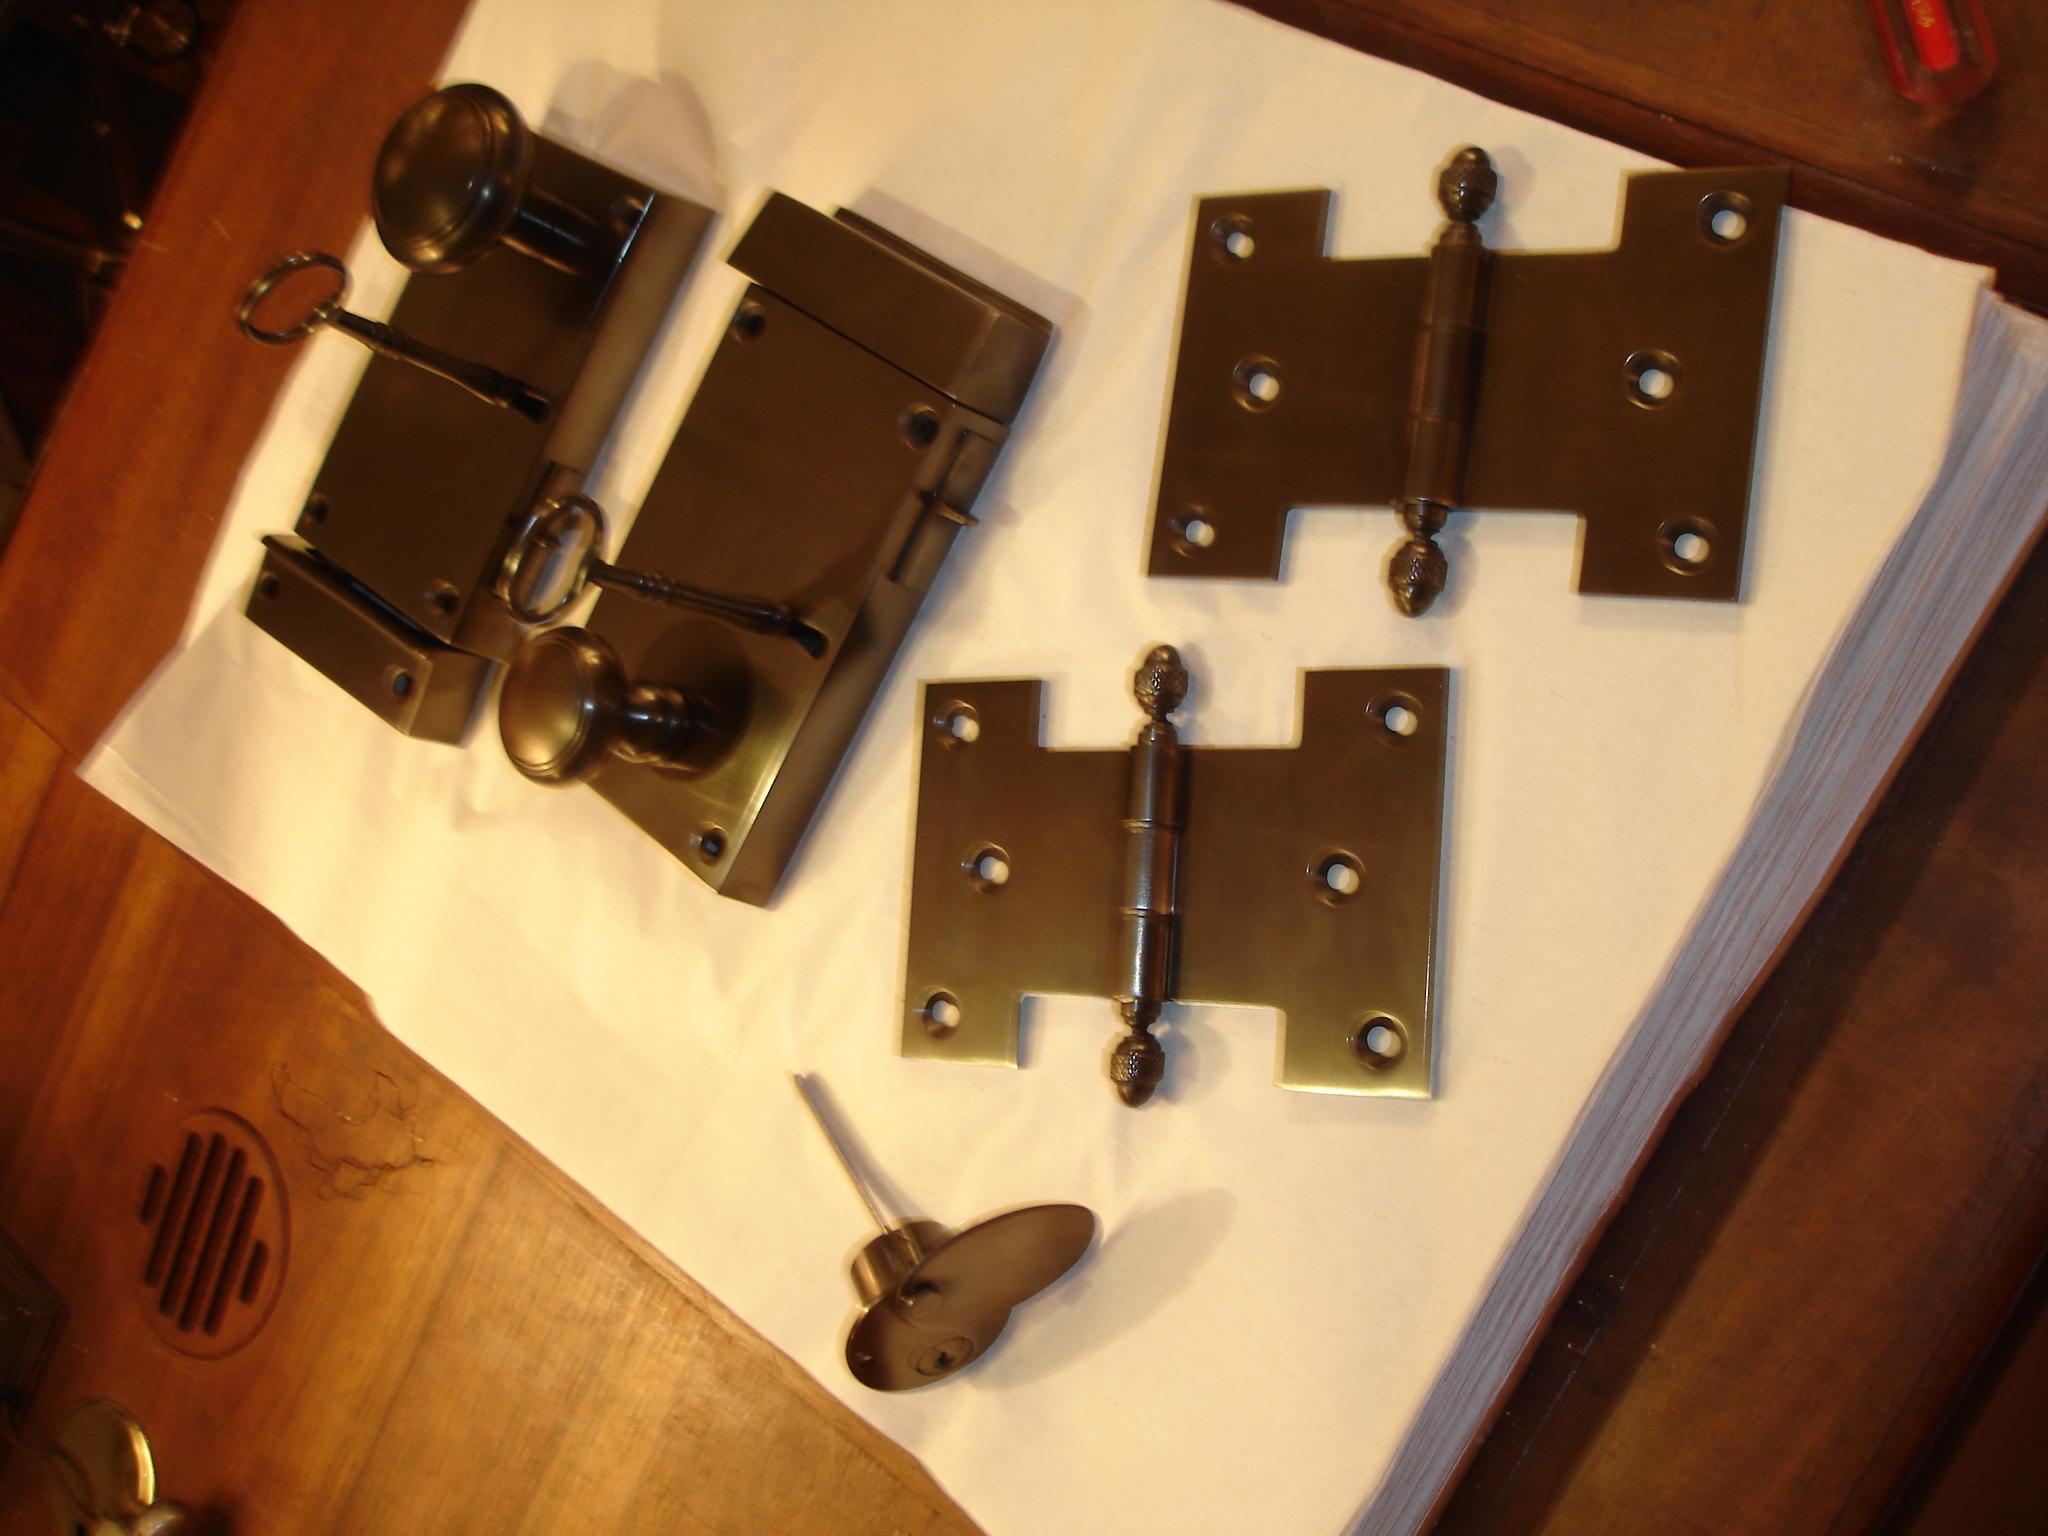 rim locks and hinges